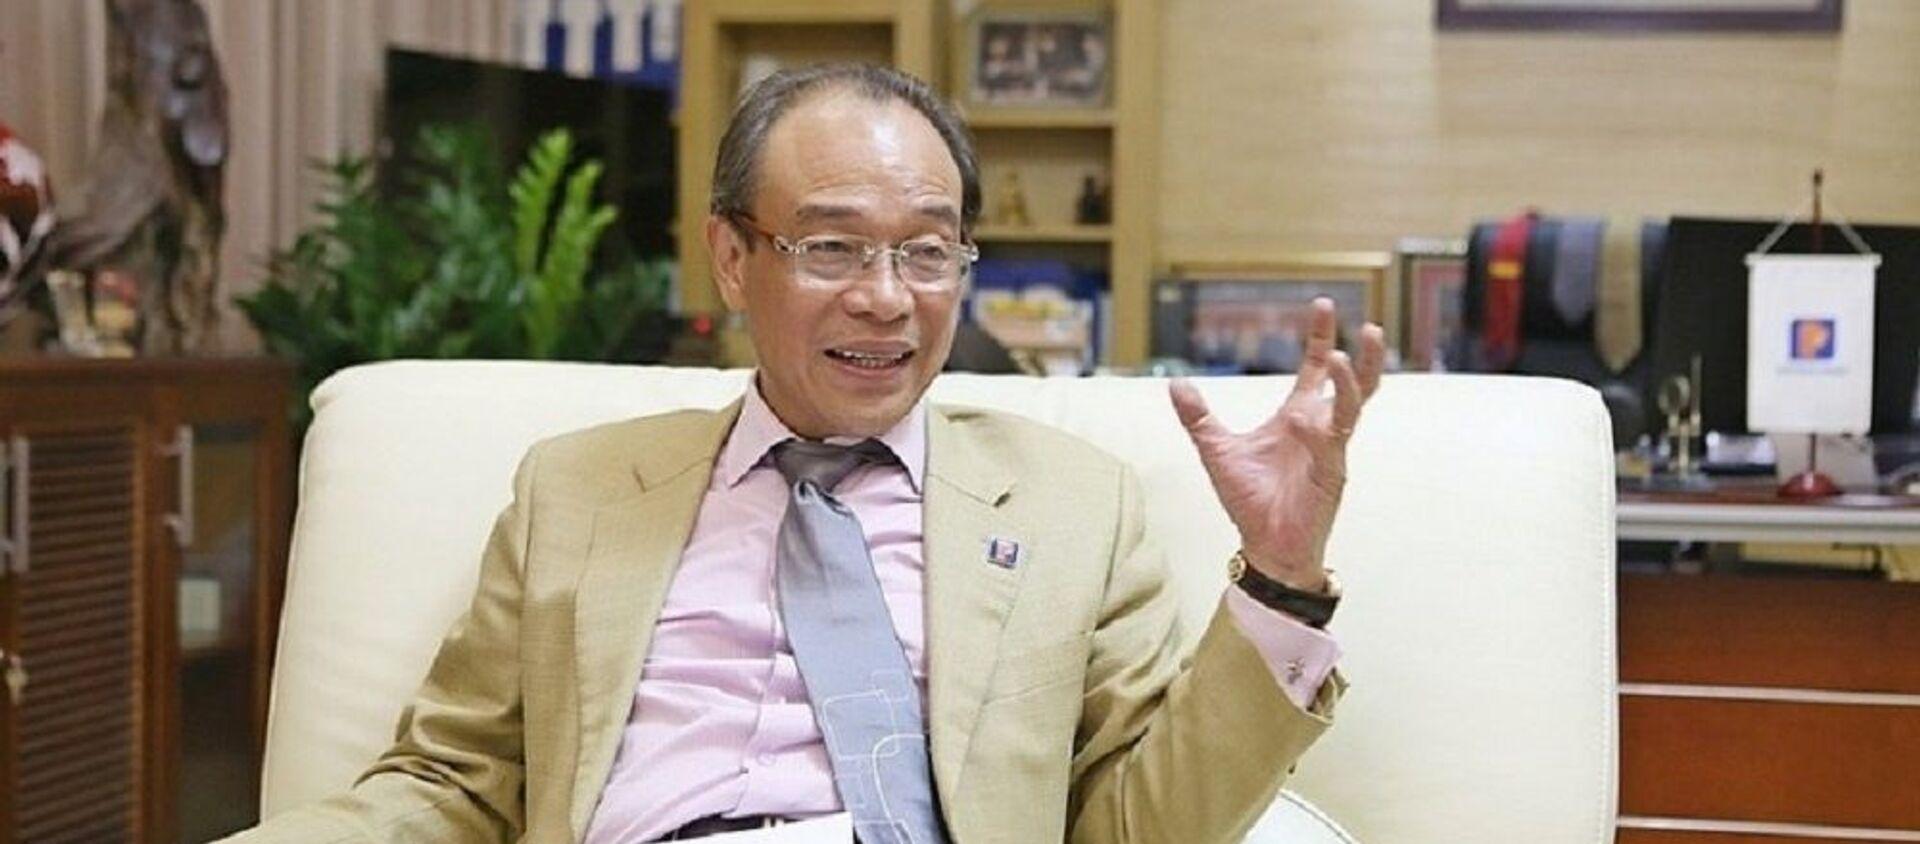 Ông Bùi Ngọc Bảo, nguyên Chủ tịch HĐQT Tập đoàn Xăng dầu Việt Nam. - Sputnik Việt Nam, 1920, 31.10.2019